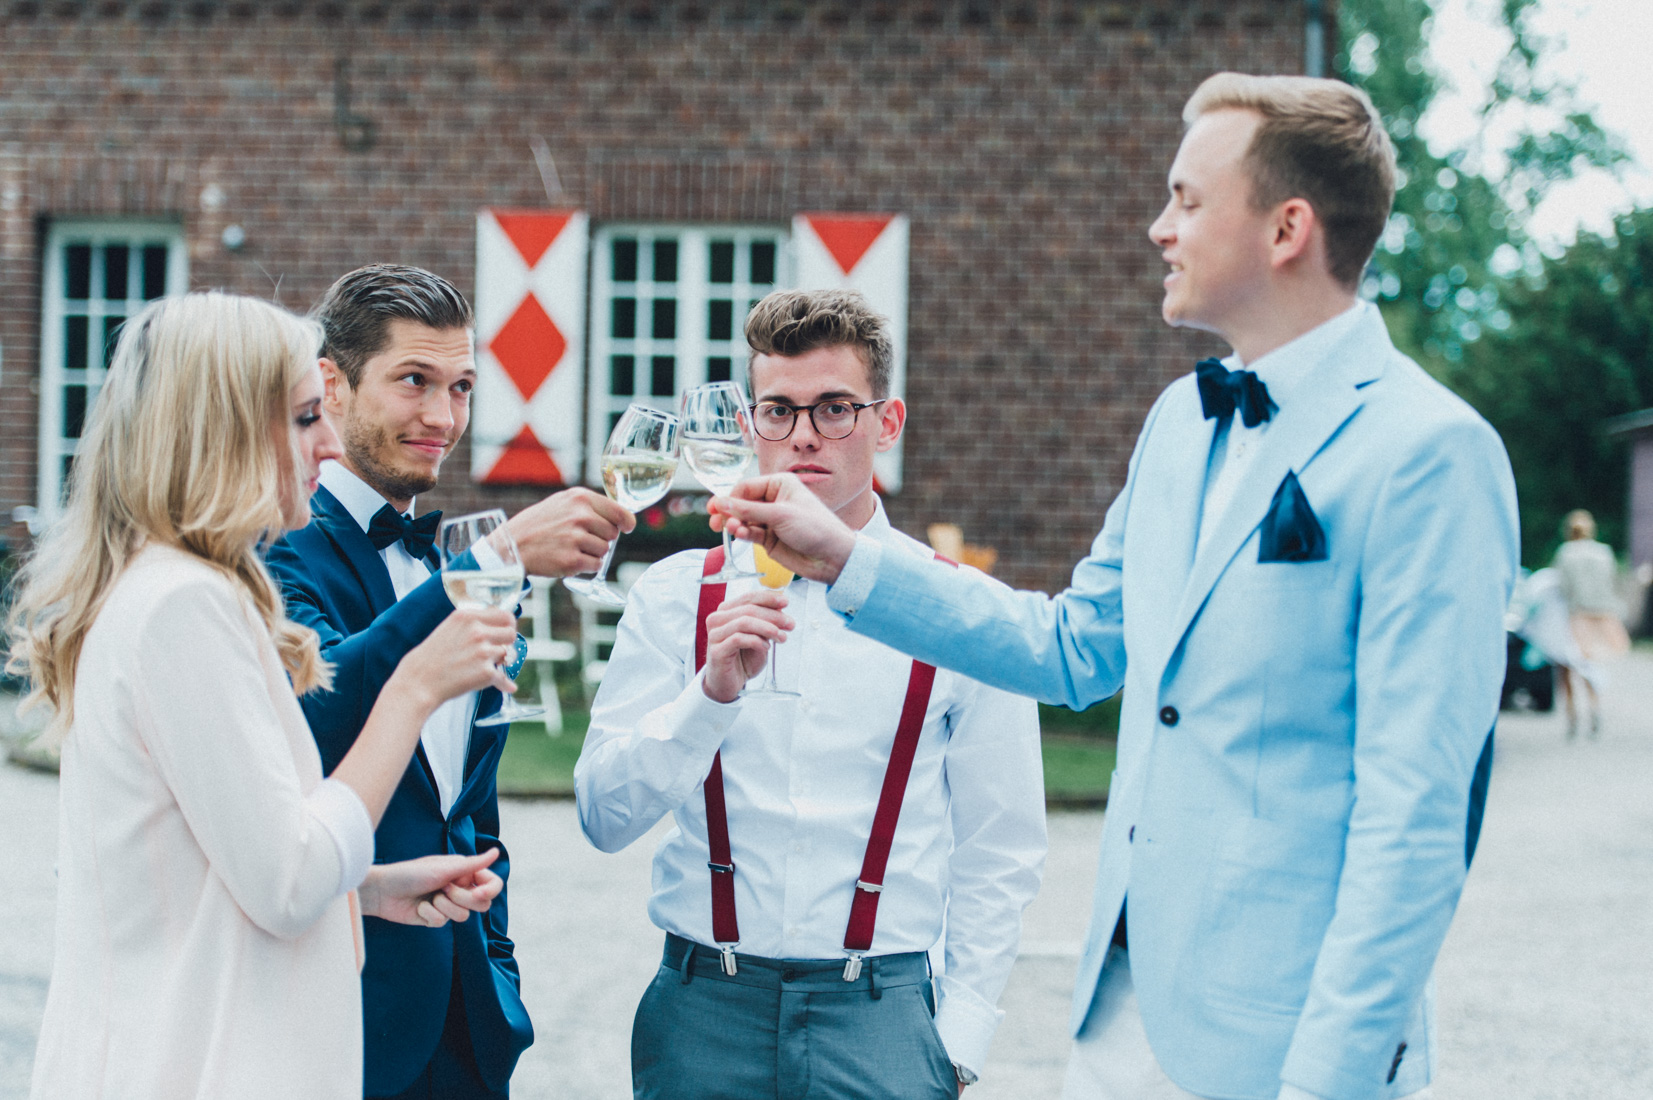 pastel-vintage-hertefeld-74 hochzeitsfotograf schloss hertefeldGalina & Robert DIY Pastel Vintage Hochzeit auf Schloss Hertefeldpastel vintage hertefeld 74